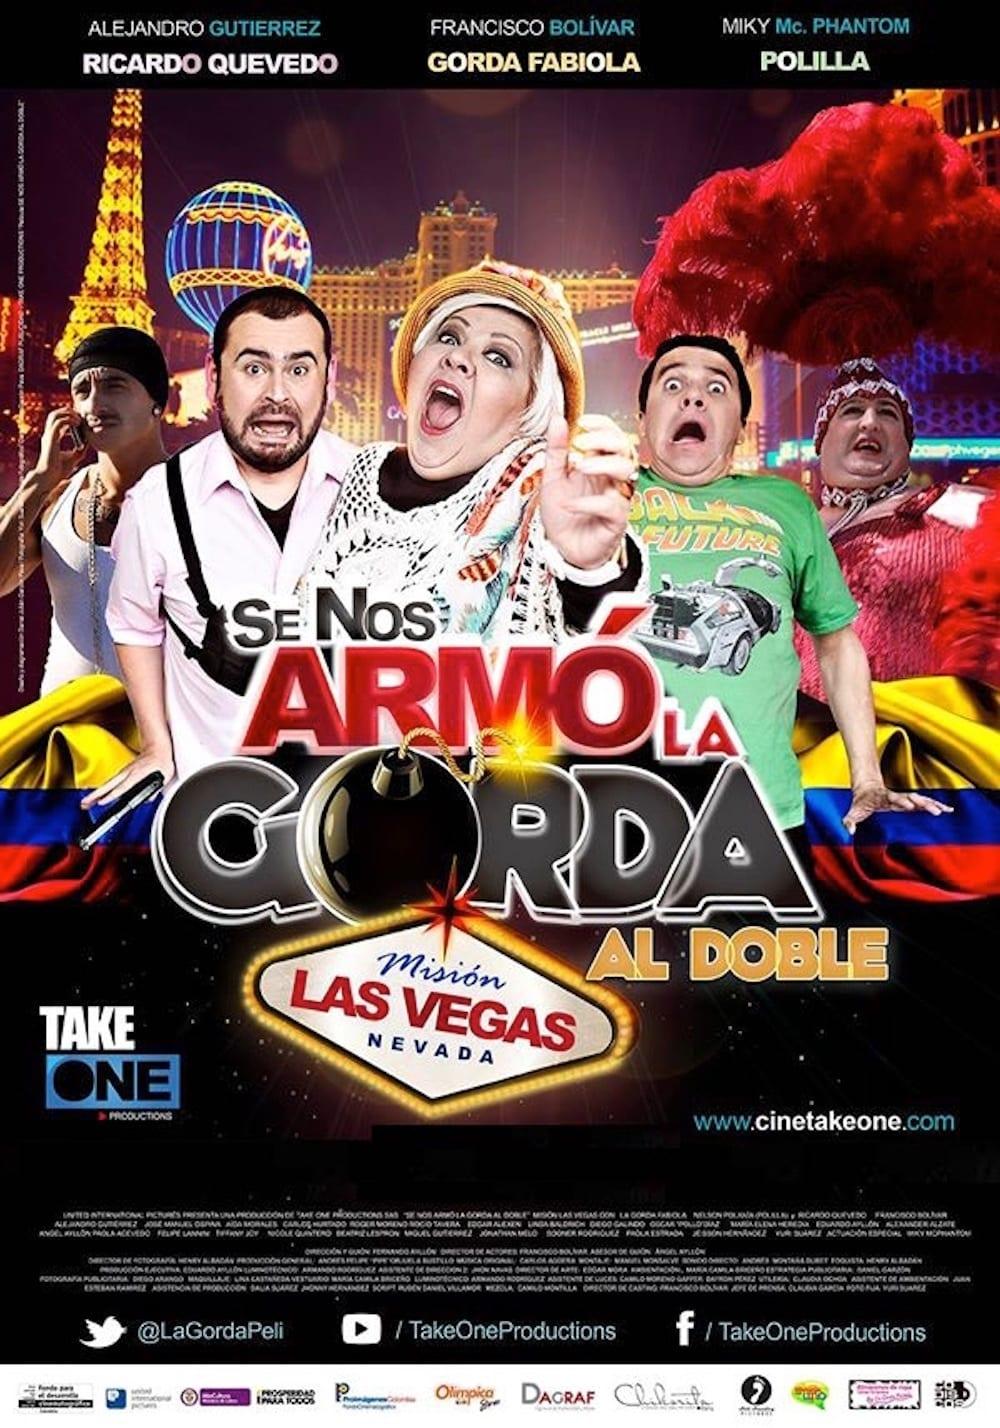 Póster Se Nos Armó la Gorda Al Doble Misión Las Vegas